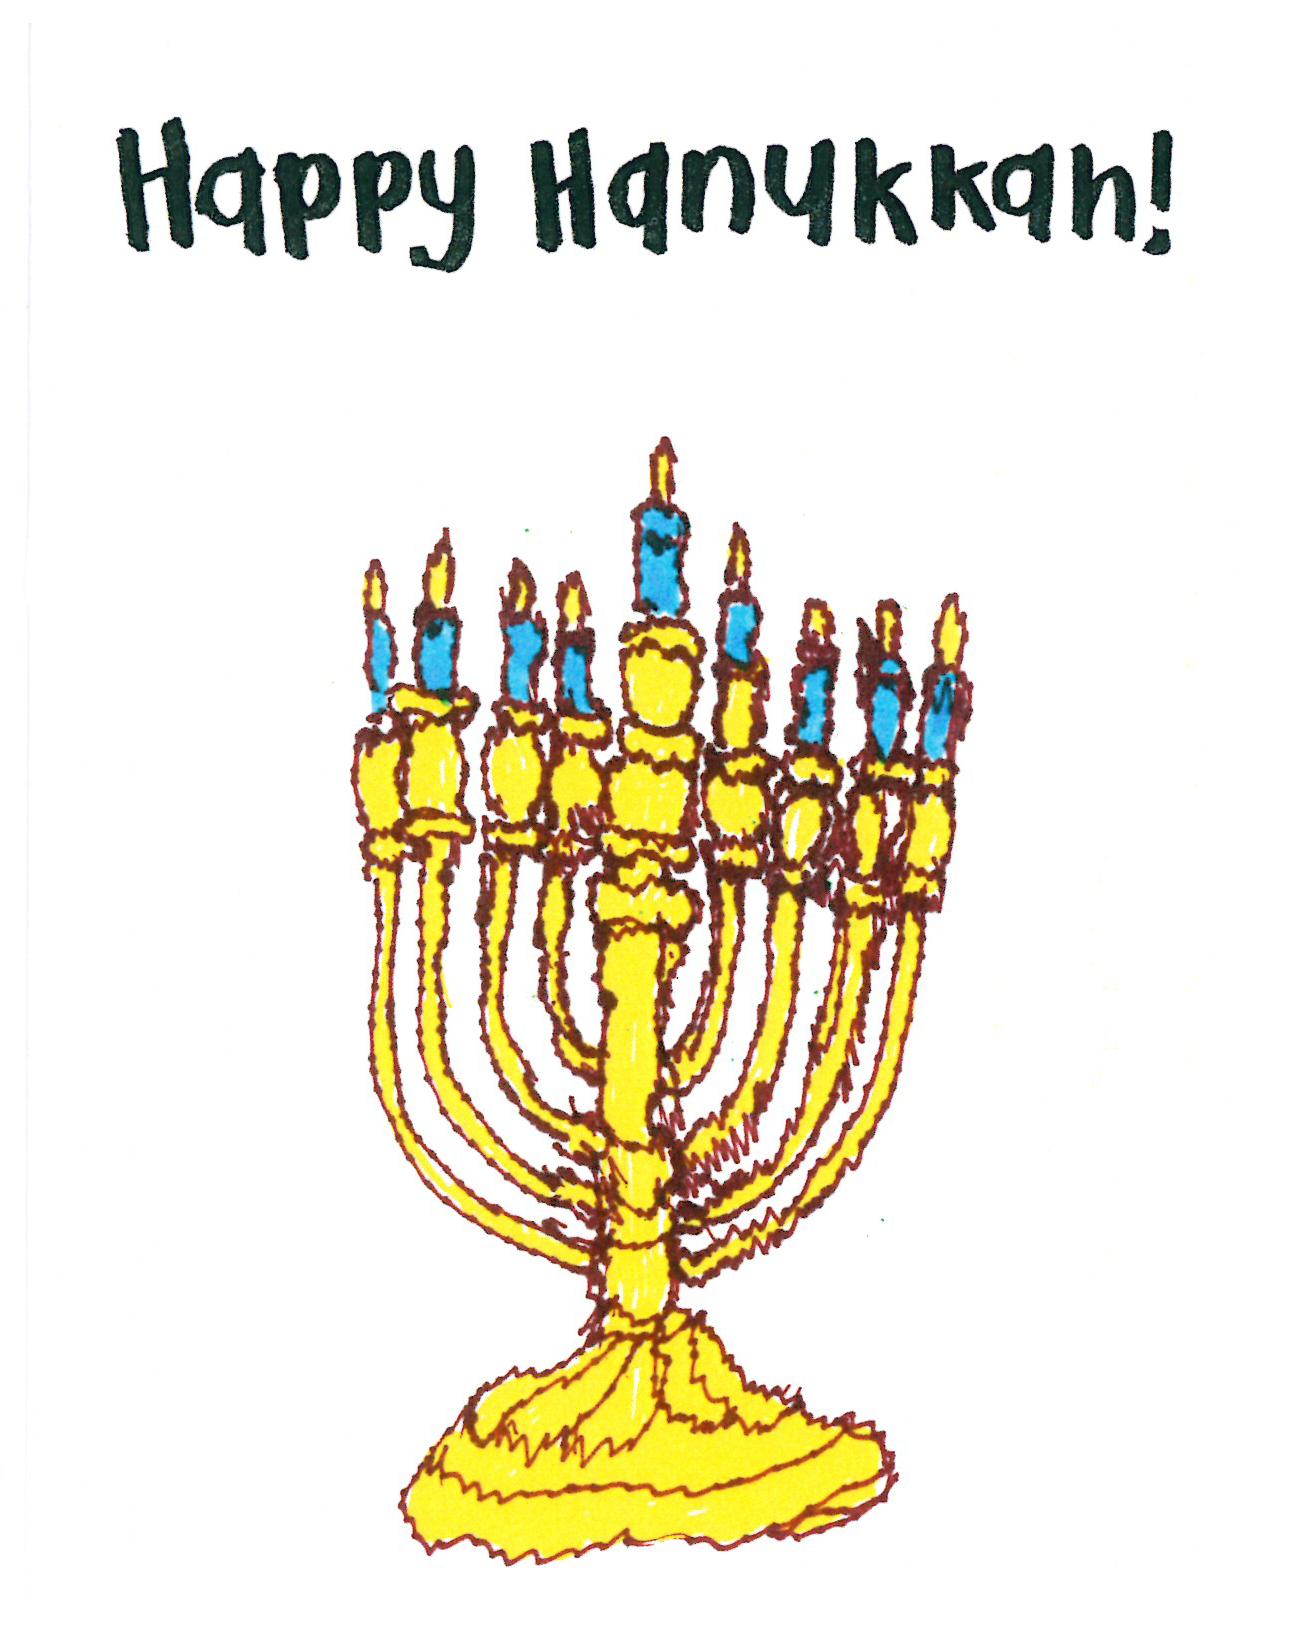 Rimland Hanukkah Card